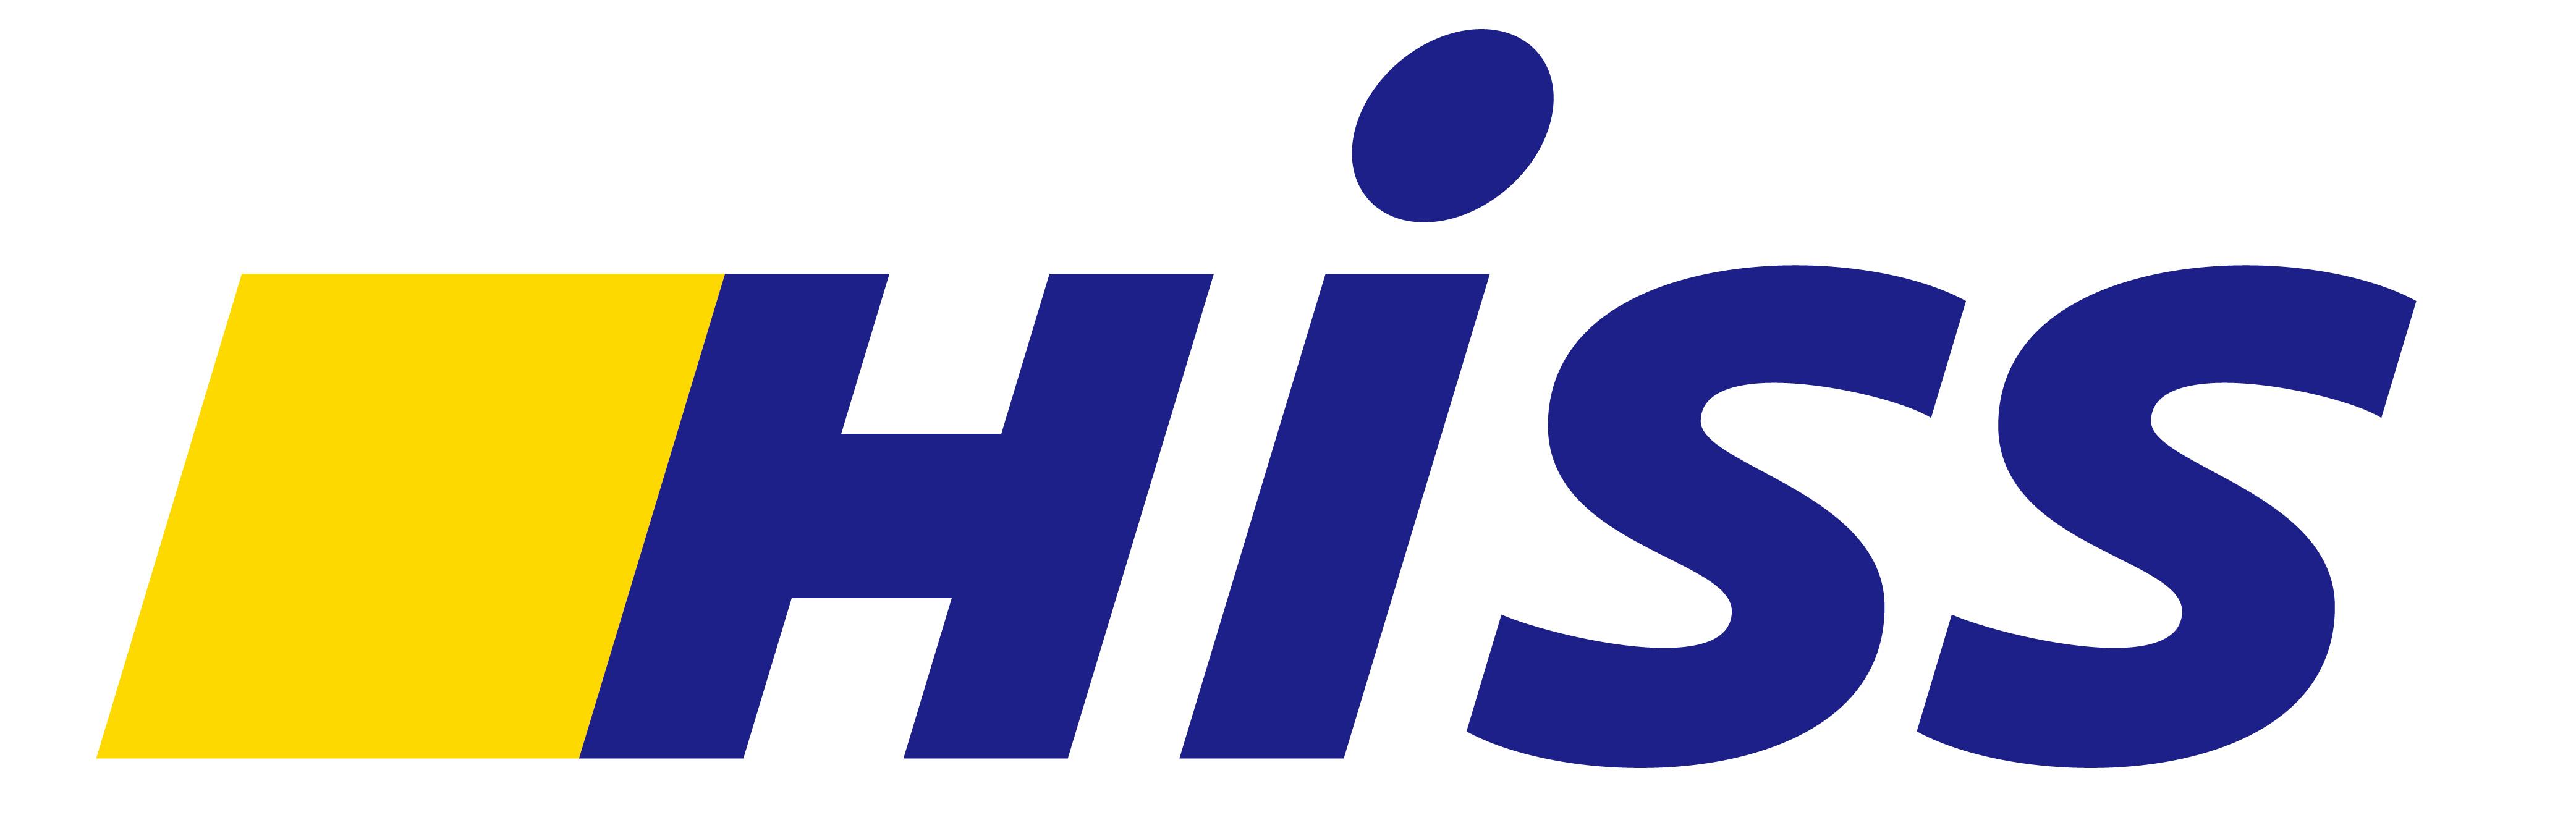 清展科技股份有限公司-Logo